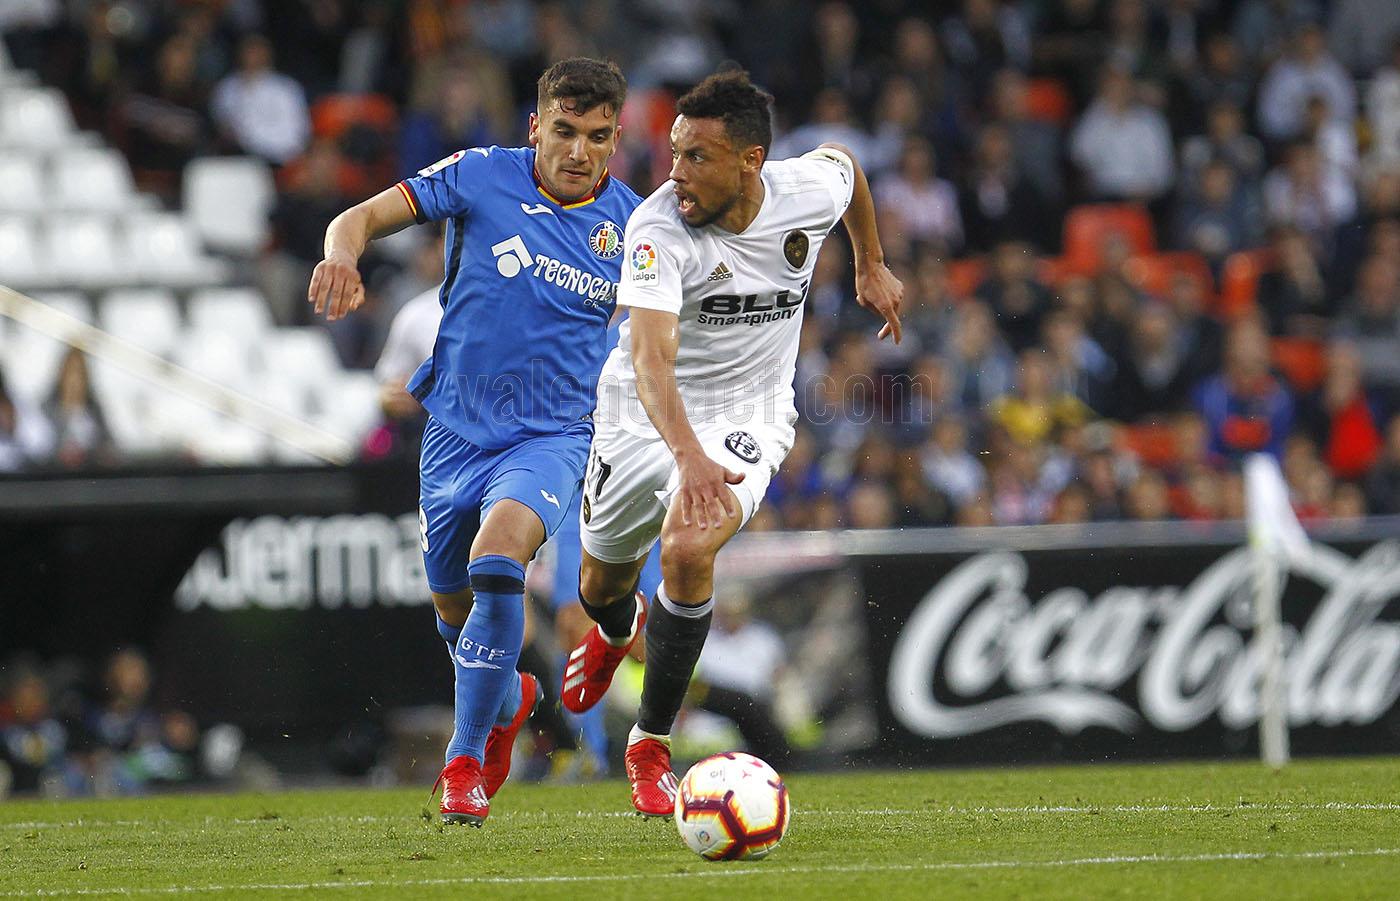 17.03.2019: Valencia CF 0 - 0 Getafe CF